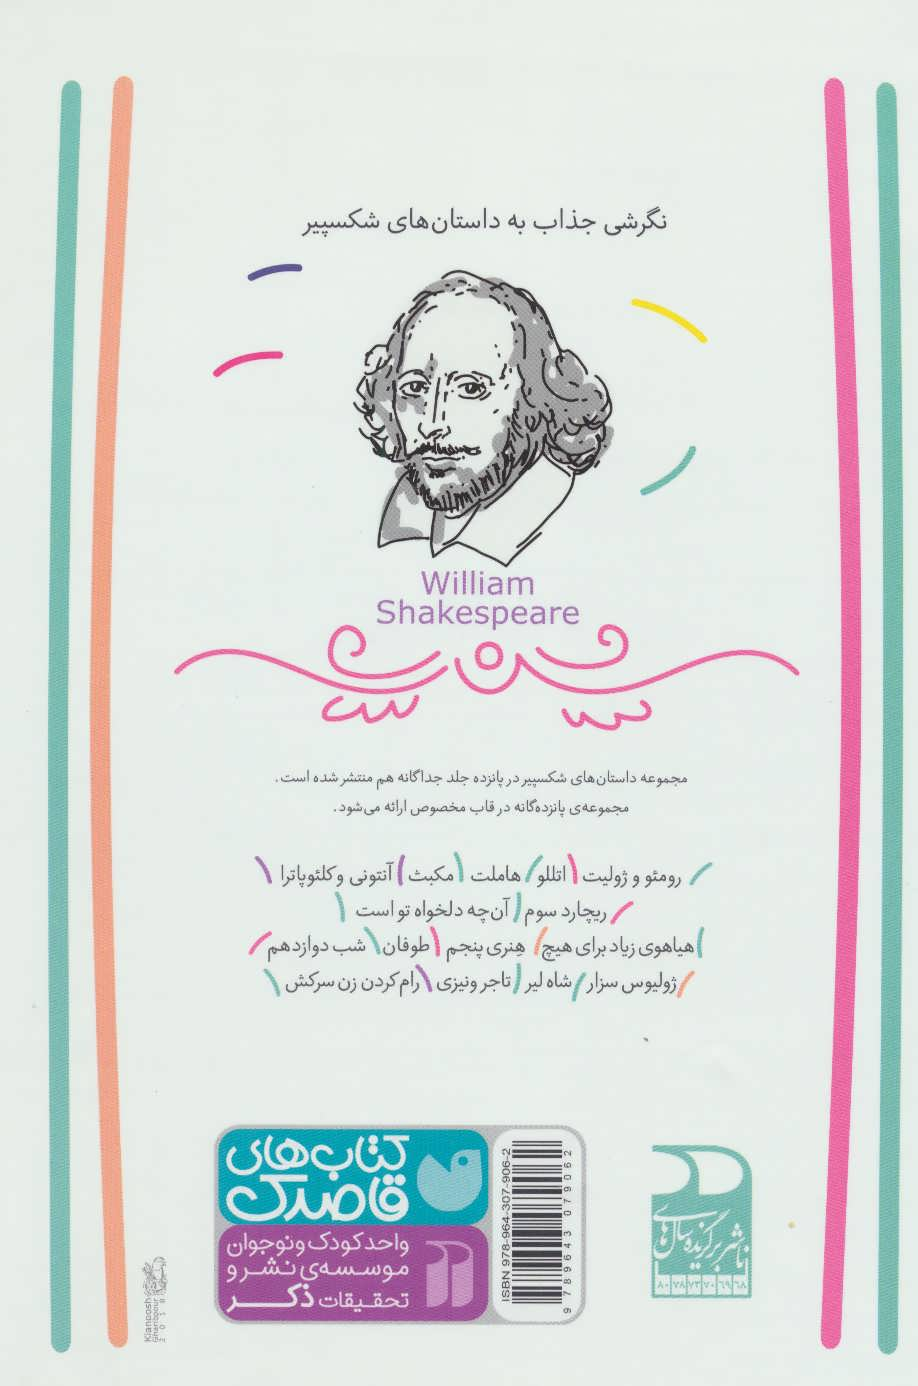 مجموعه داستان های شکسپیر (شاهکارهای ادبیات جهان)